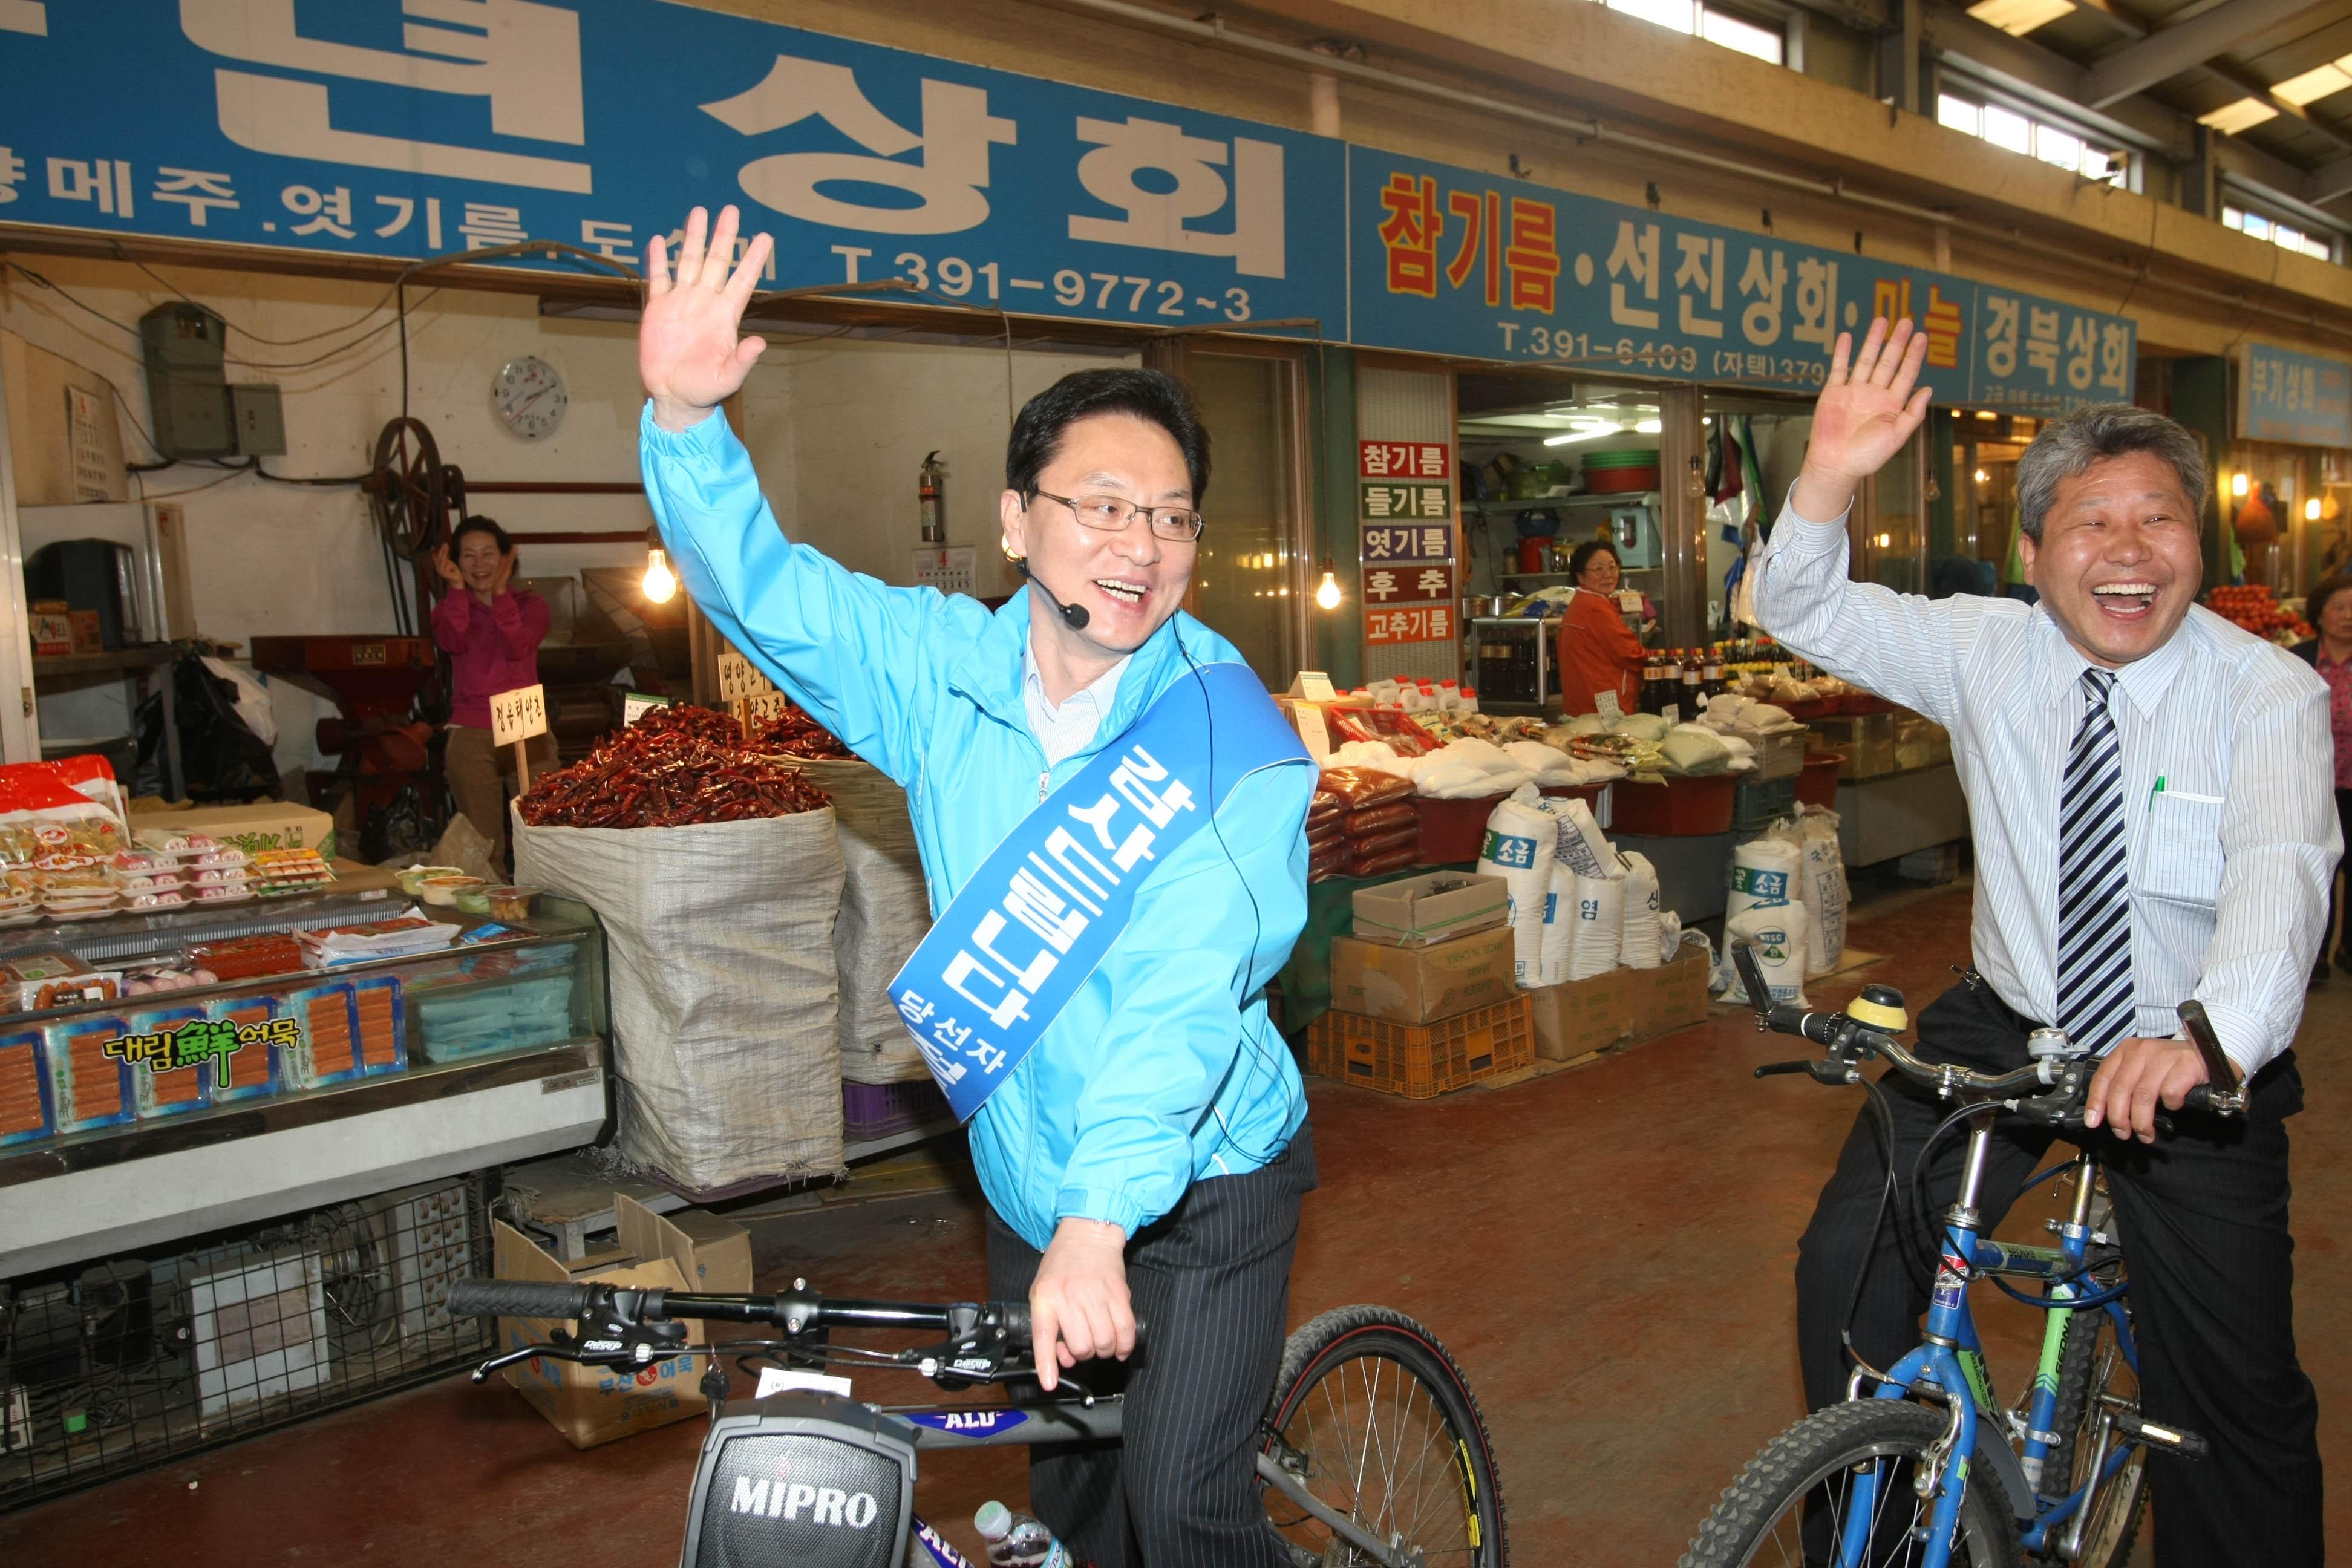 2008년 정두언 전의원은 서울 서대문을 국회의원에 당선된 후 홍제동 인왕시장에서 자전거를 타고 당선사례를 펼친 바 있다.